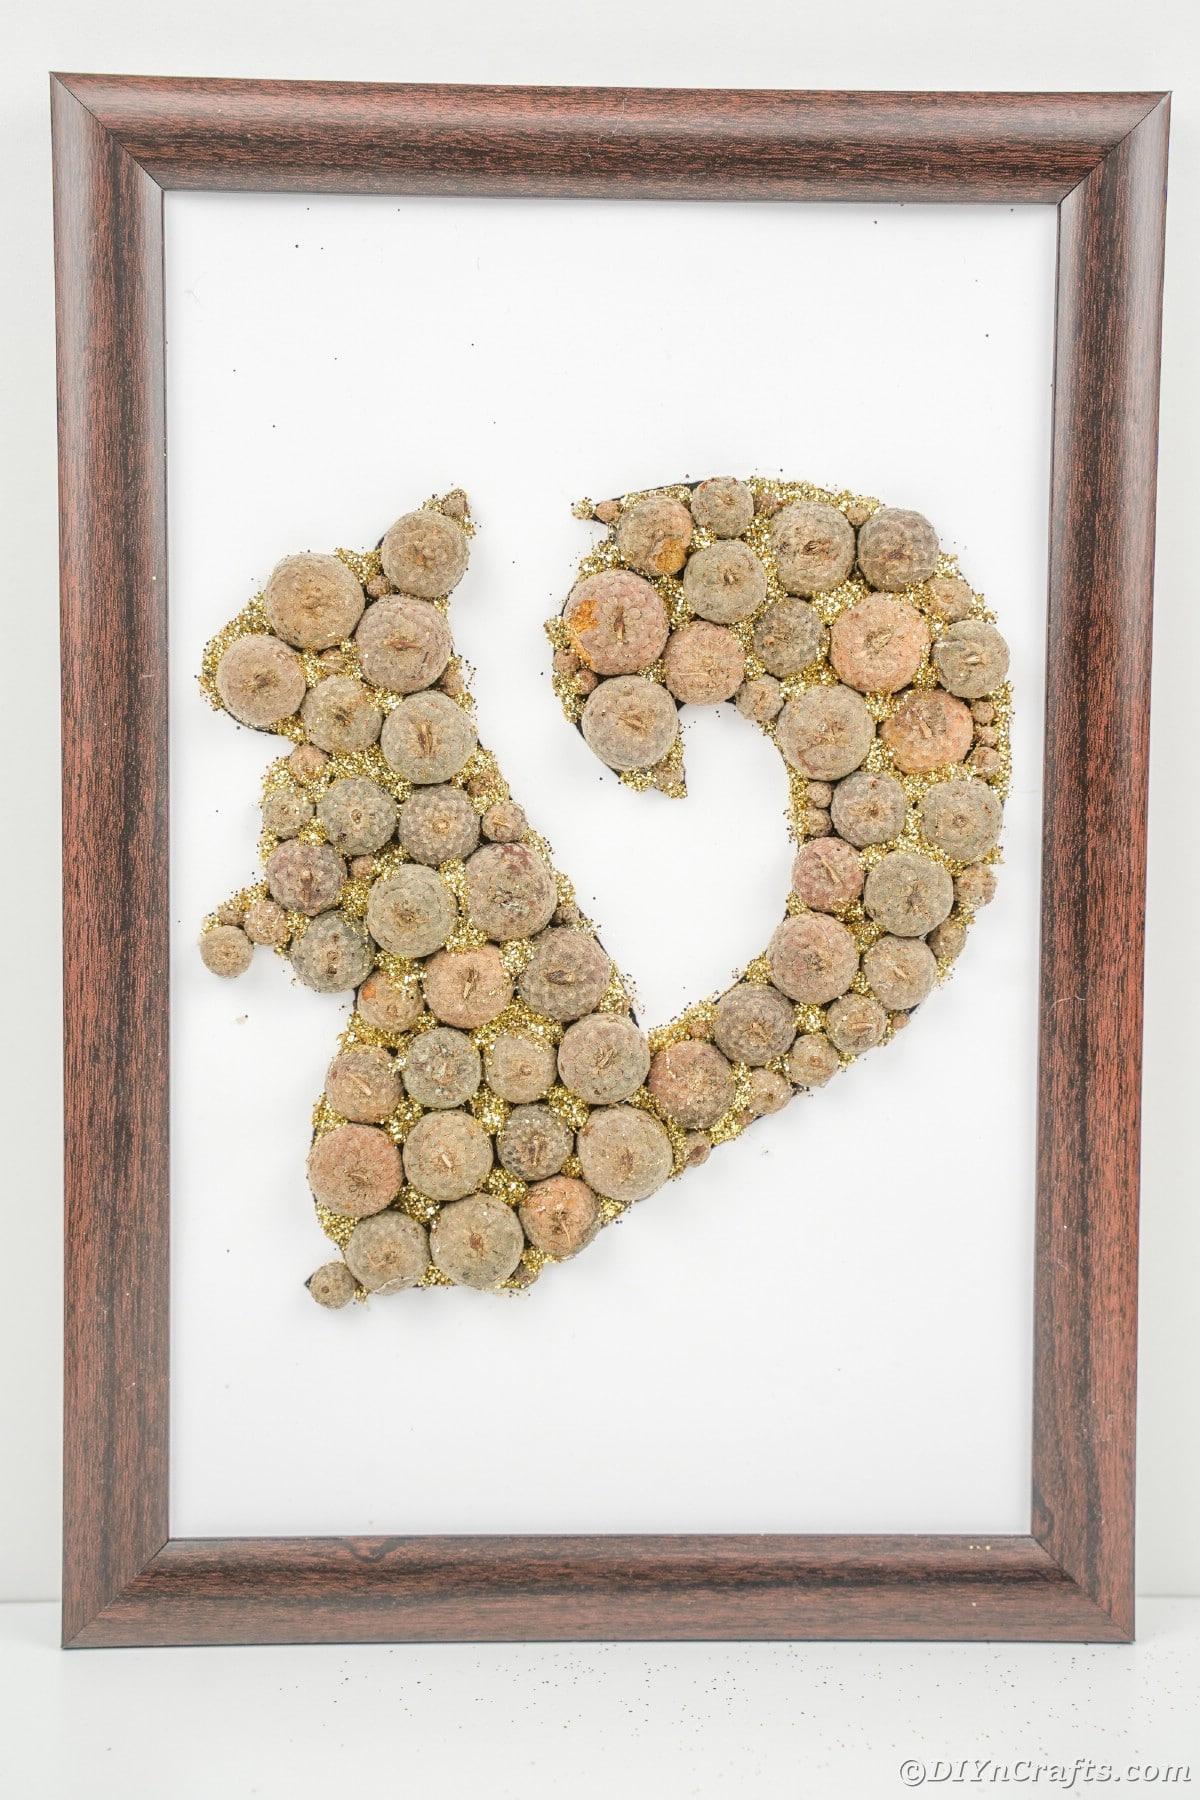 Wooden frame around acorn cap squirrel